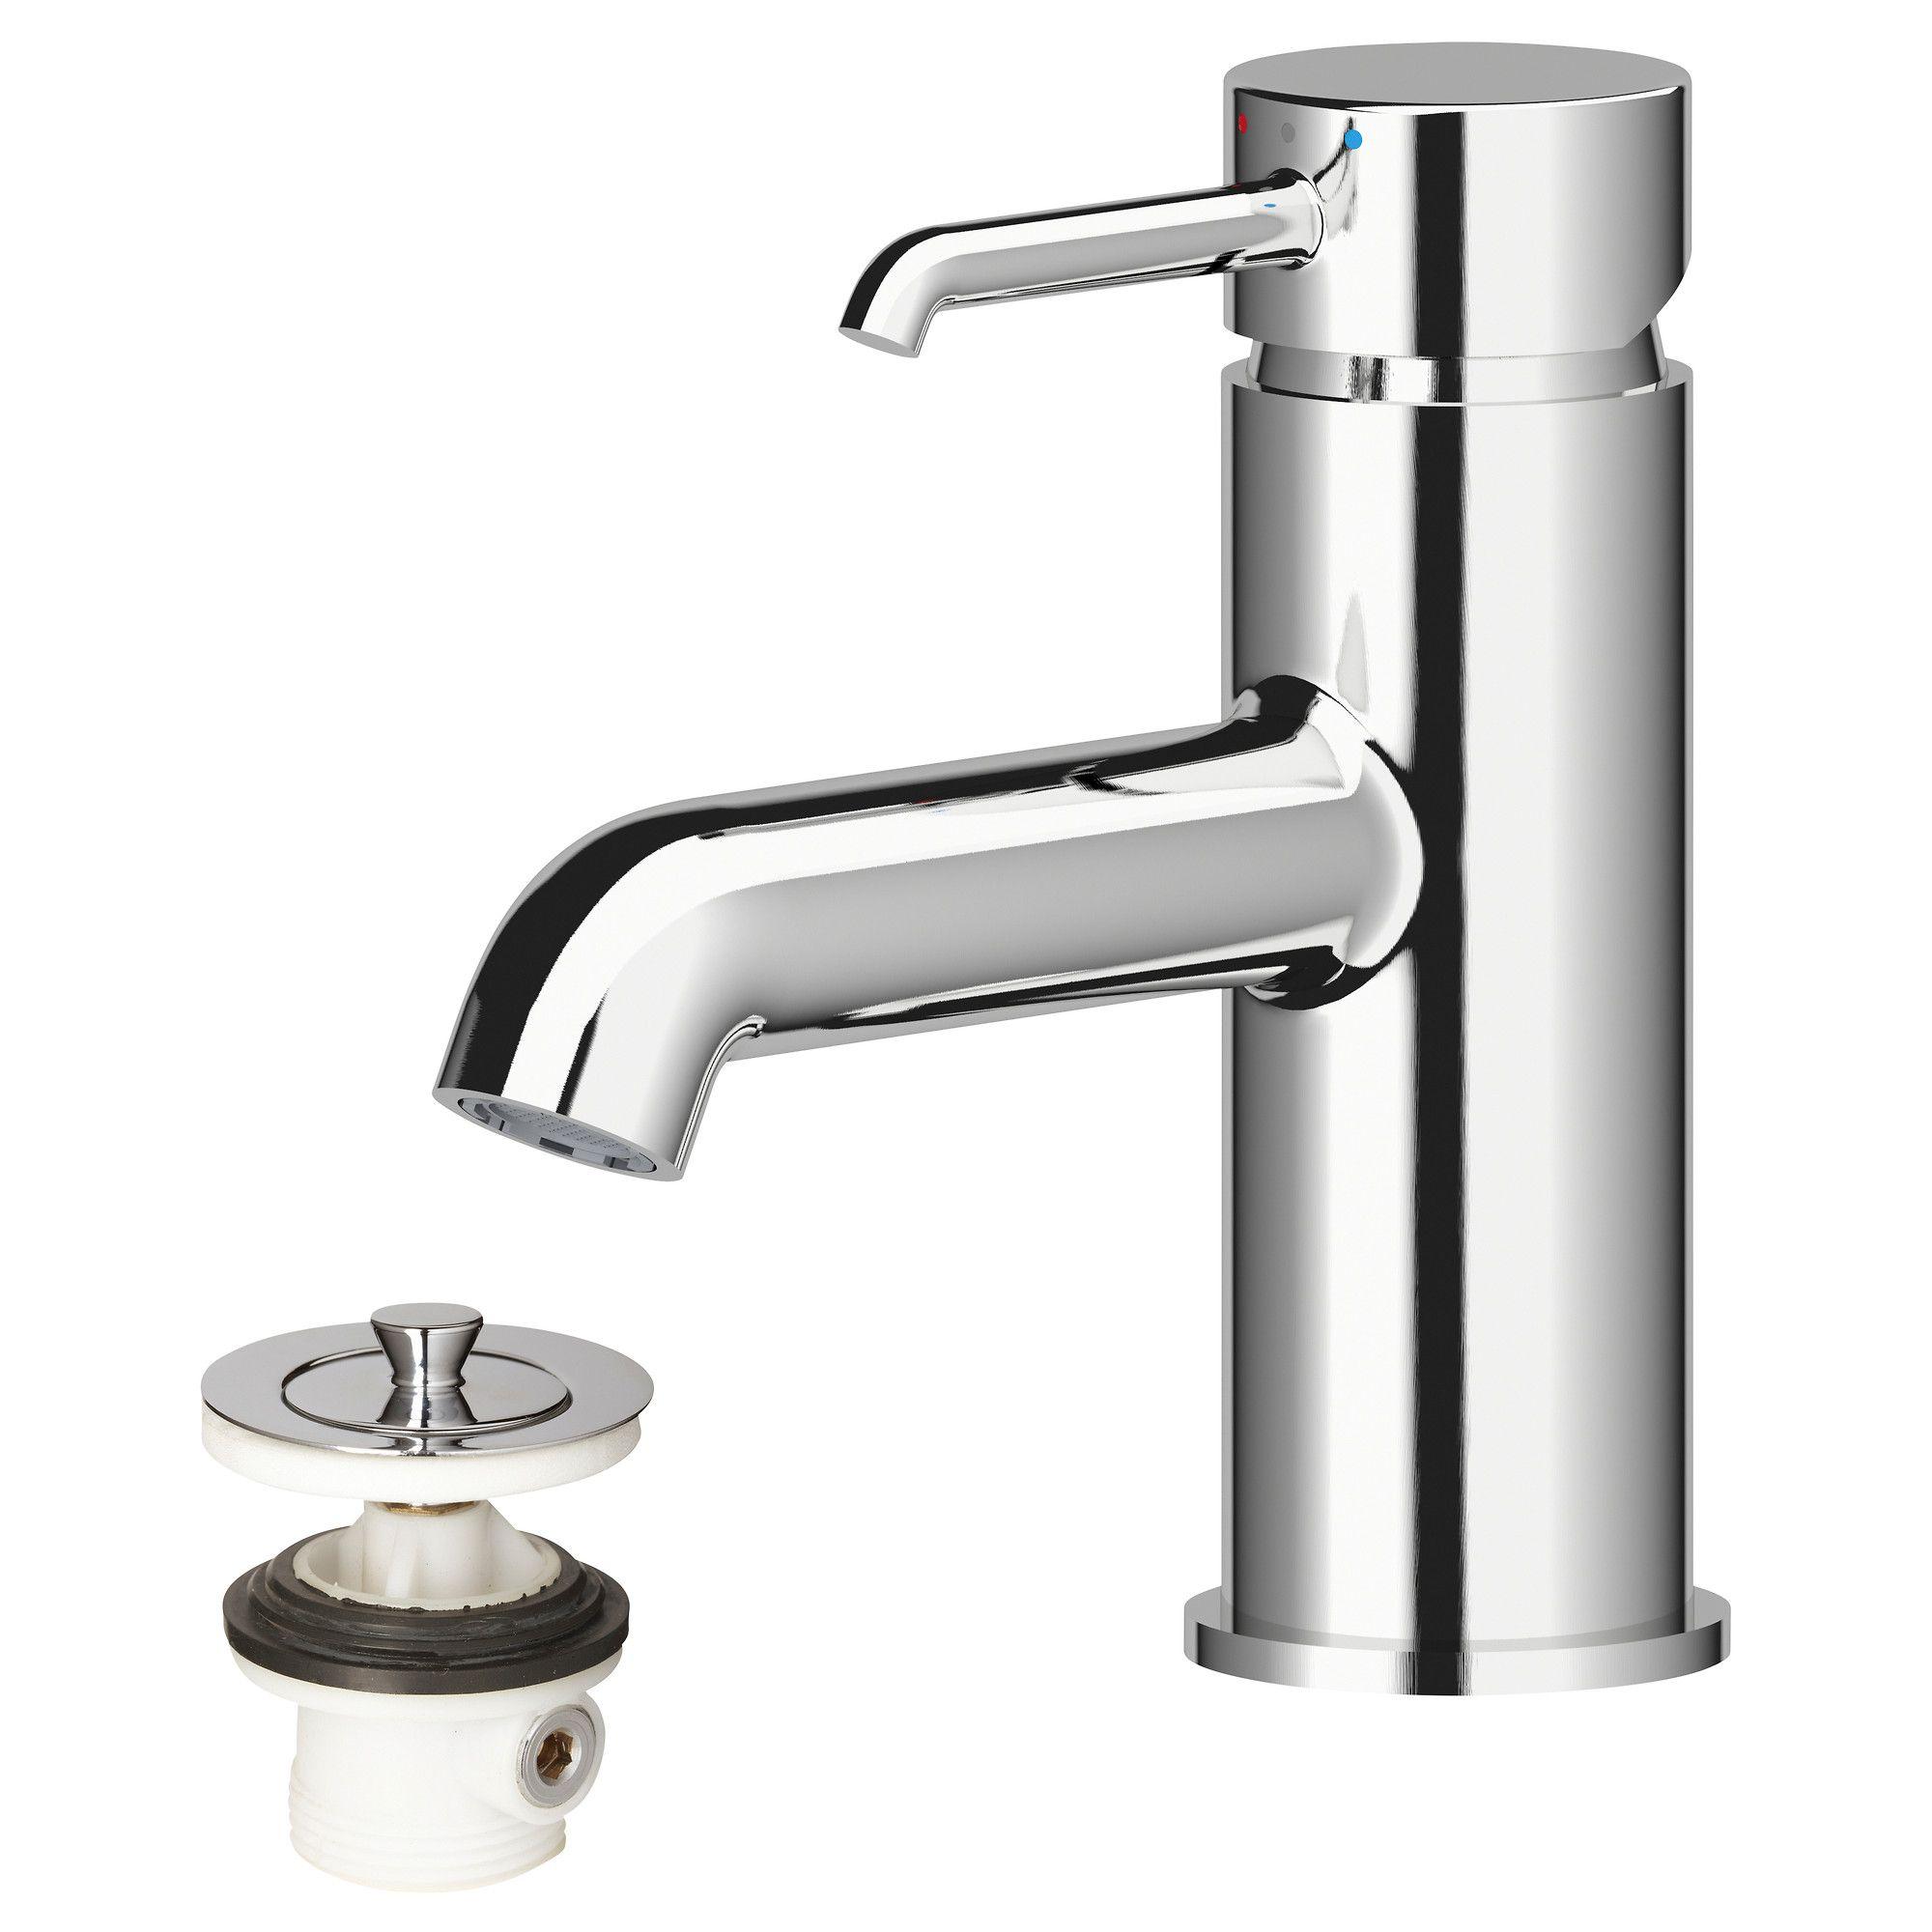 DANNSKÄR Bath faucet with strainer - IKEA | Nice Bathroom ...